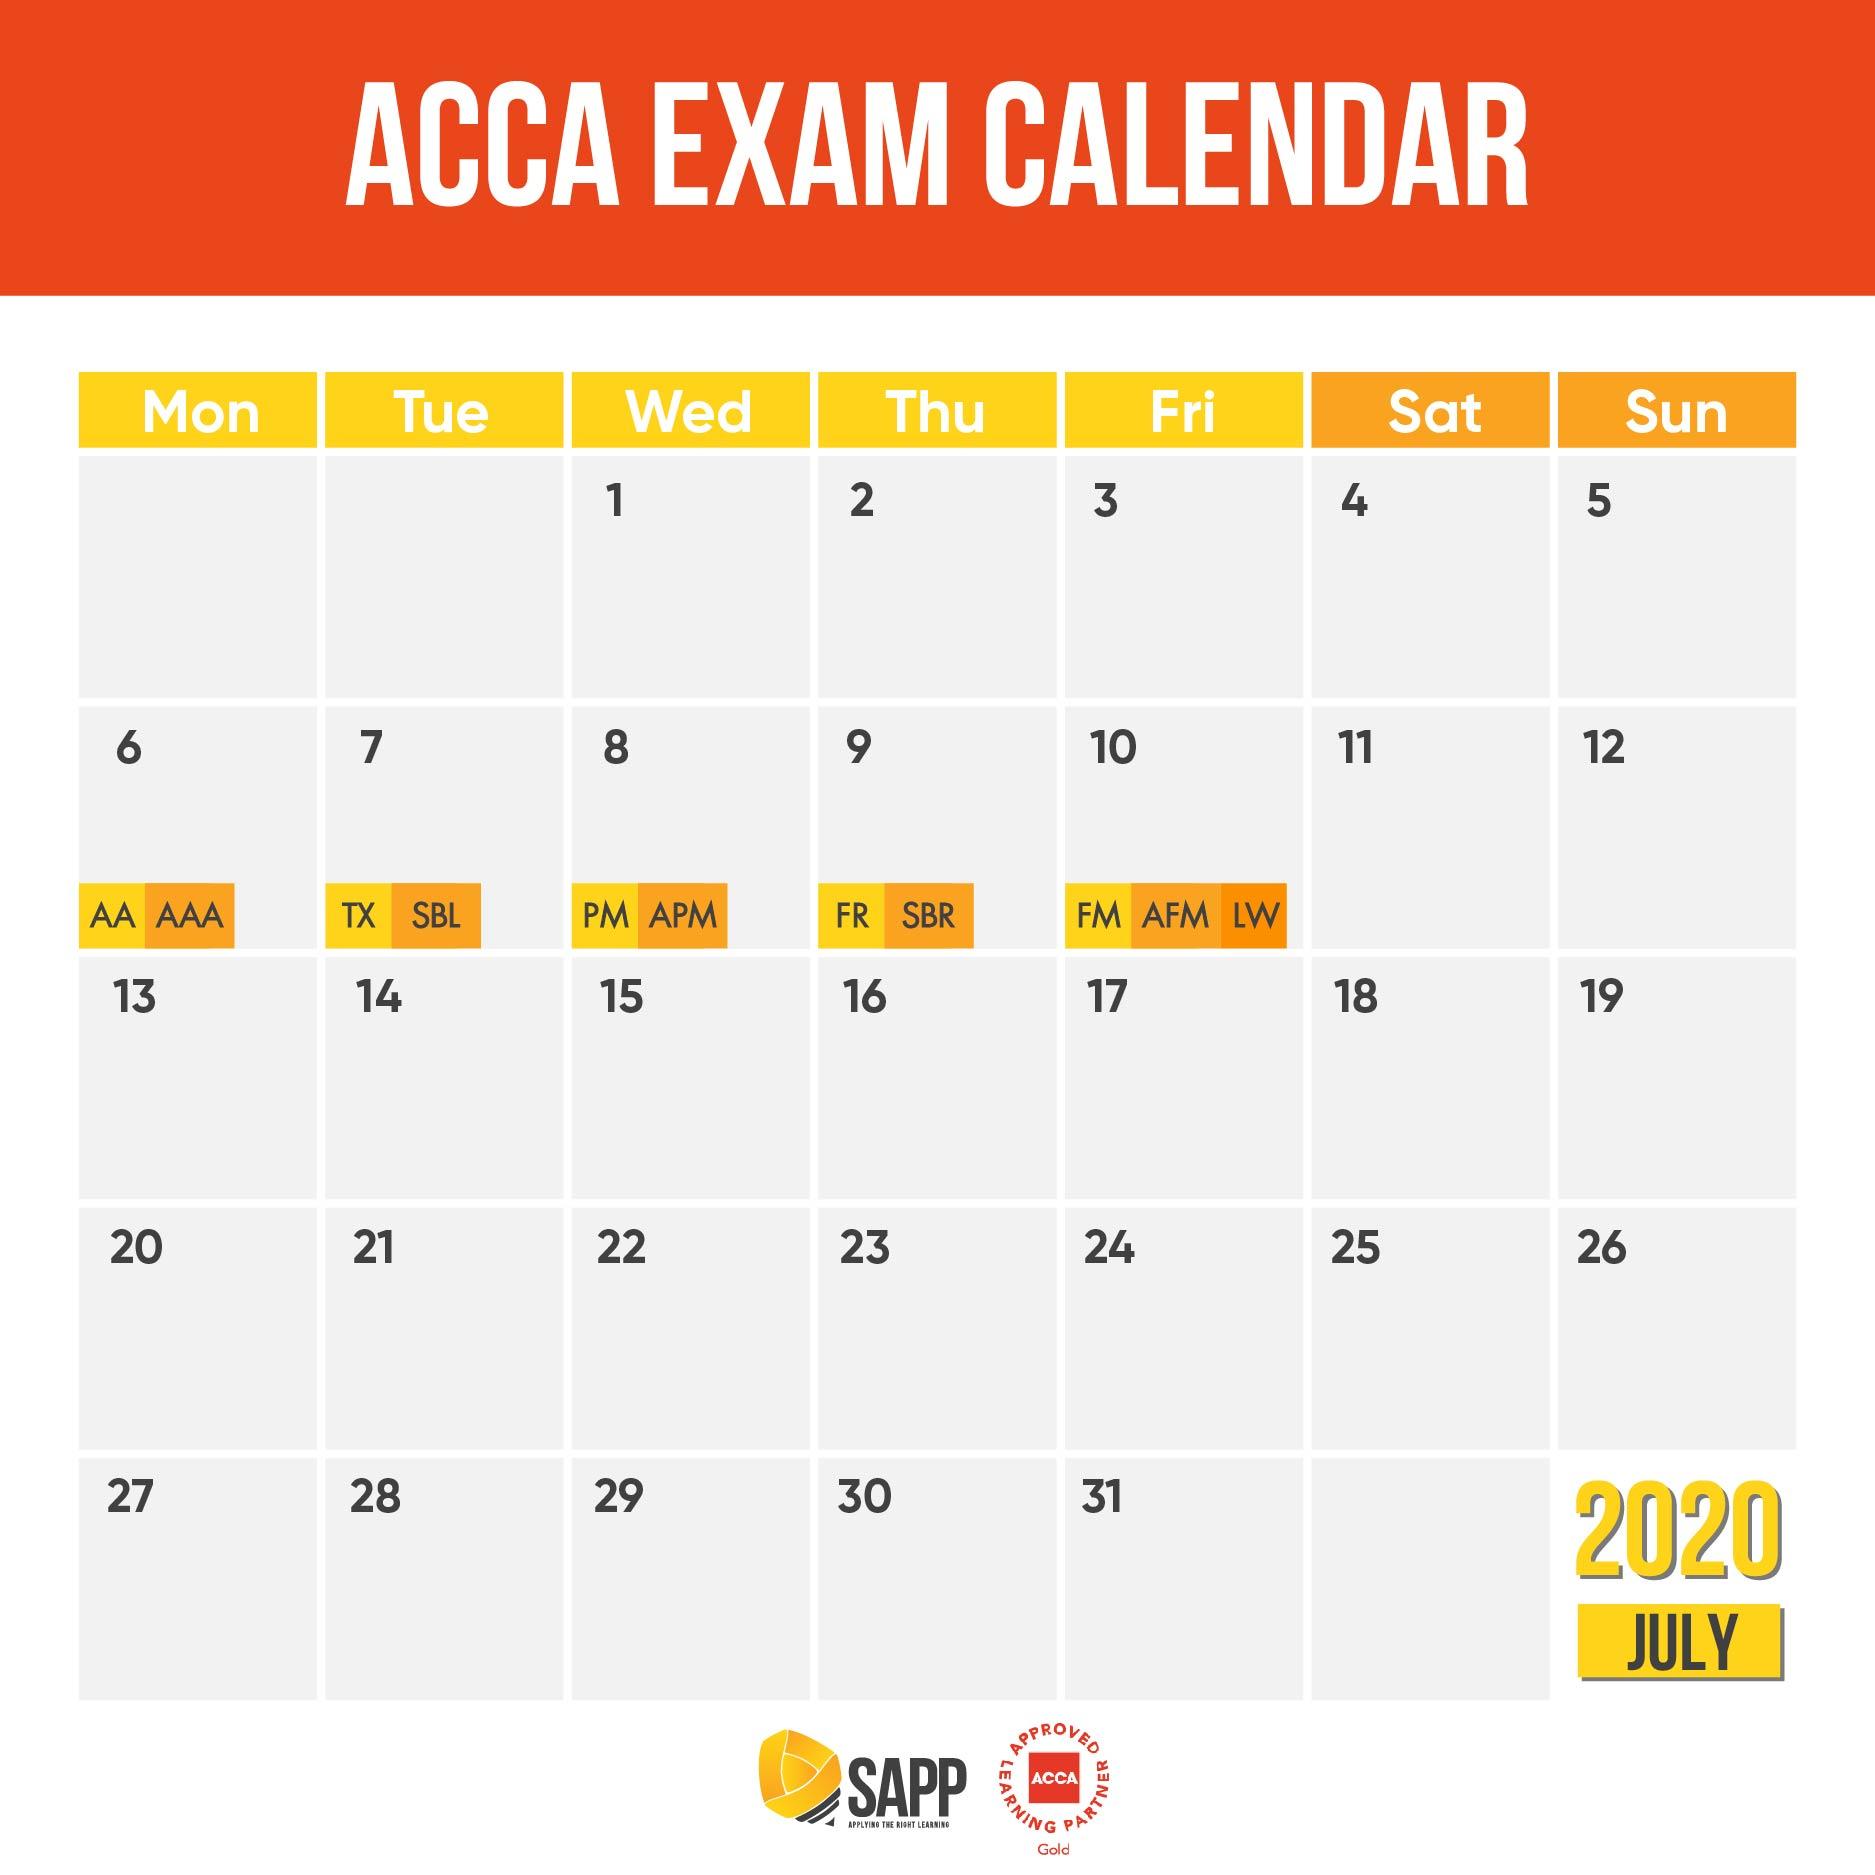 Lịch thi ACCA tháng 6 năm 2020